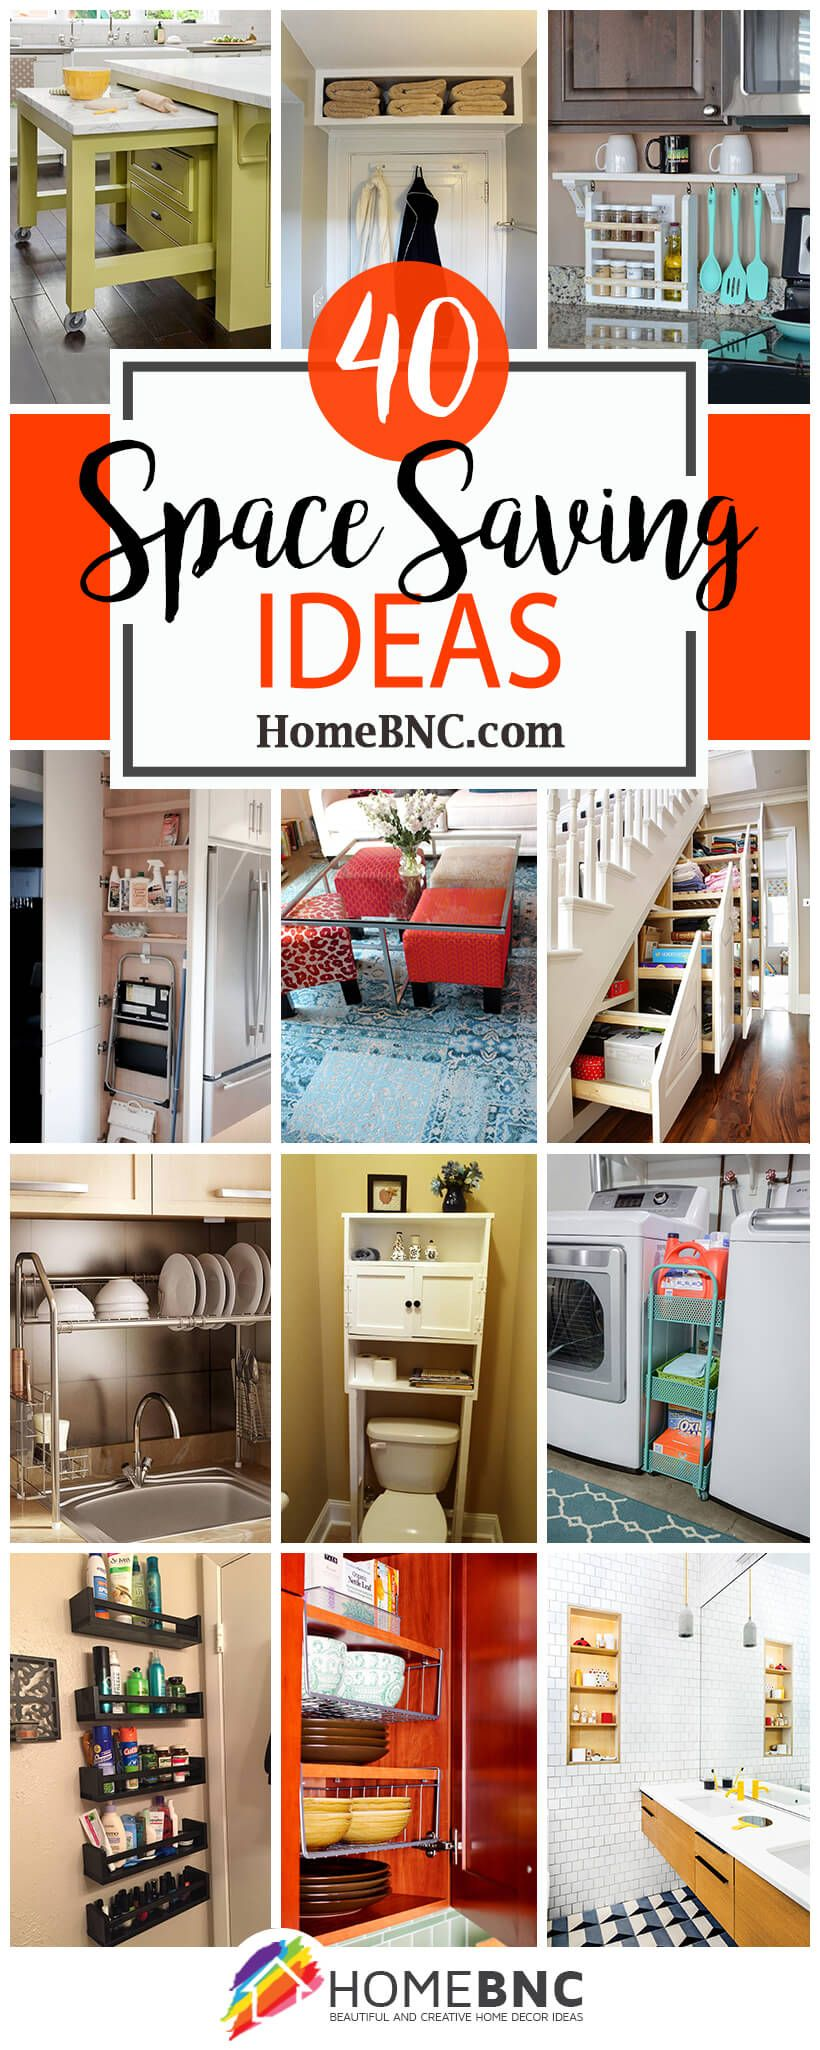 Idee Per Risparmiare In Casa.40 Idee Intelligenti Per Risparmiare Spazio Per Aiutarti A